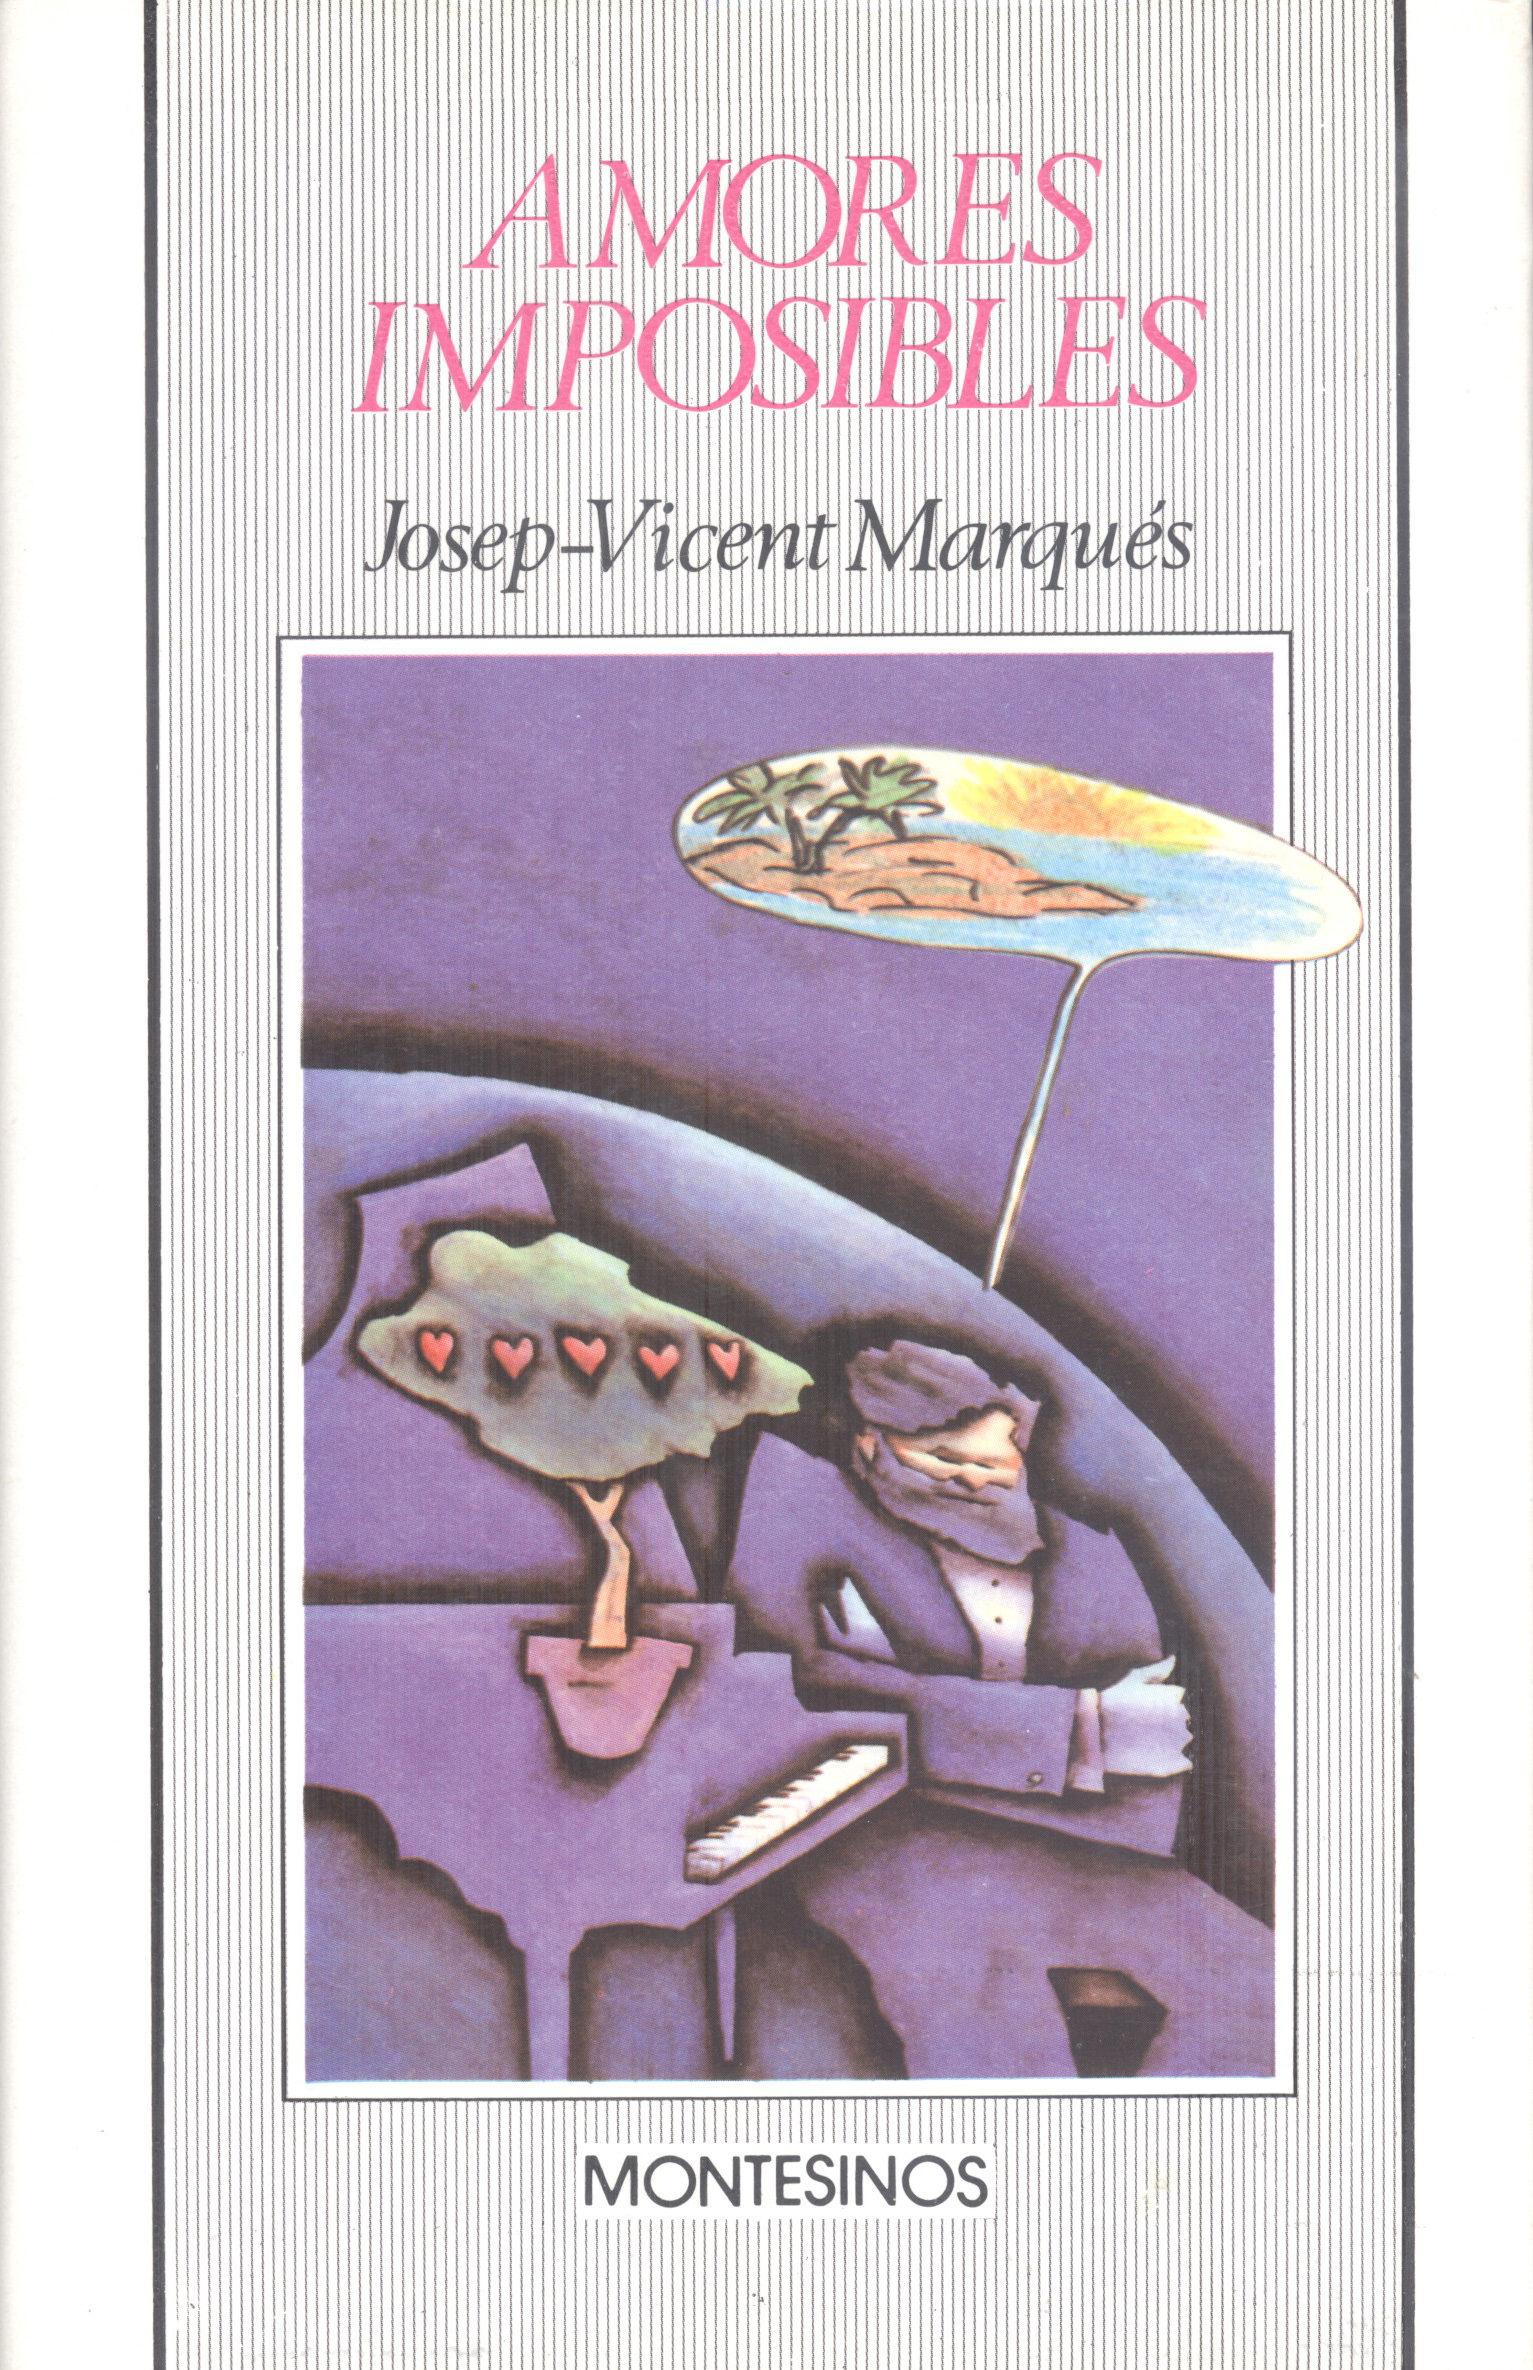 Amores Imposibles Y Otros Encuentros - Marques Gonzalez Josep Vicent